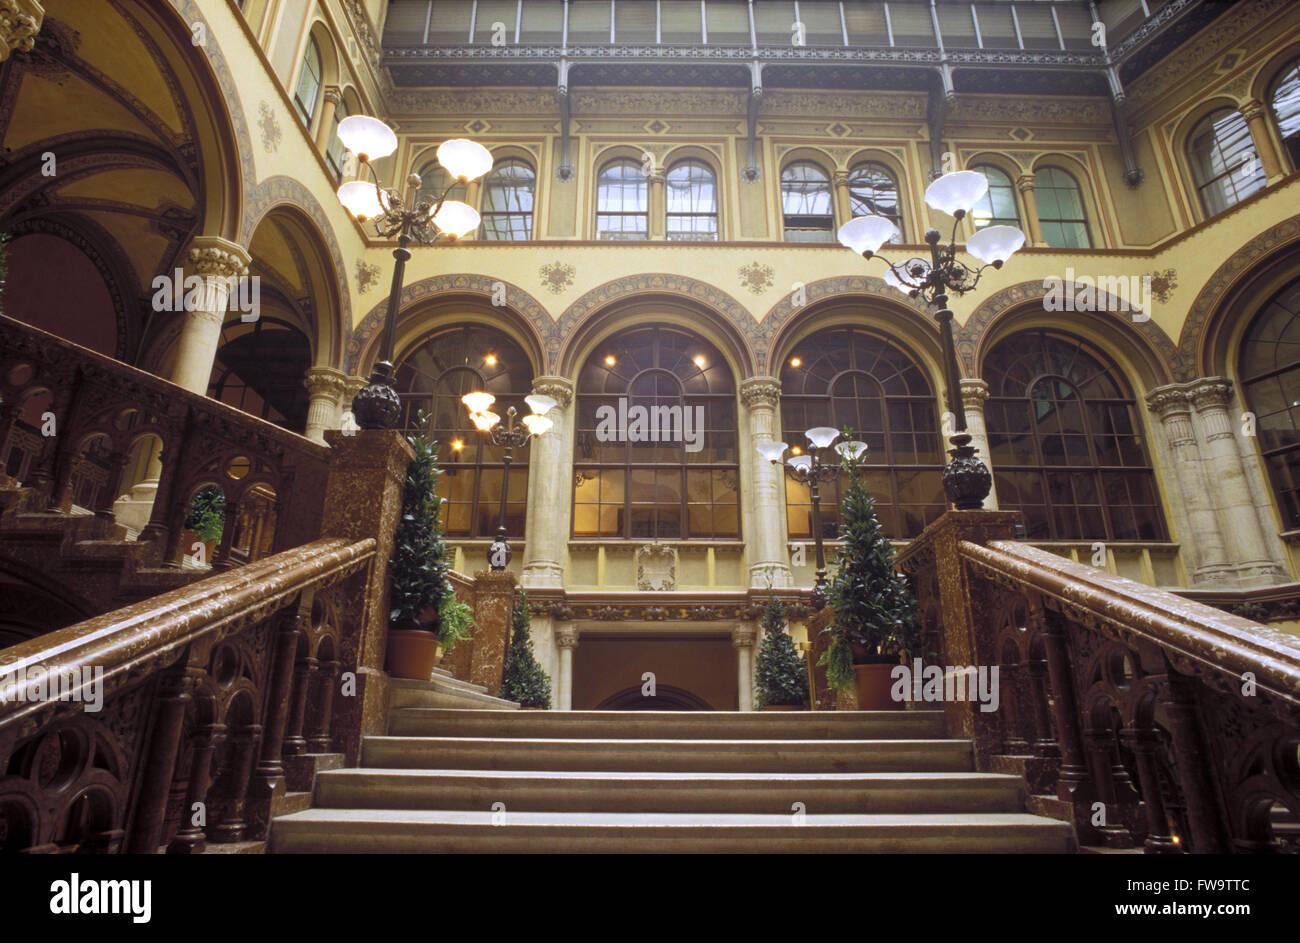 AUT, Austria, Vienna, the Freyung arcade at the Palais Ferstel.  AUT, Oesterreich, Wien, die Freyung-Passage im - Stock Image